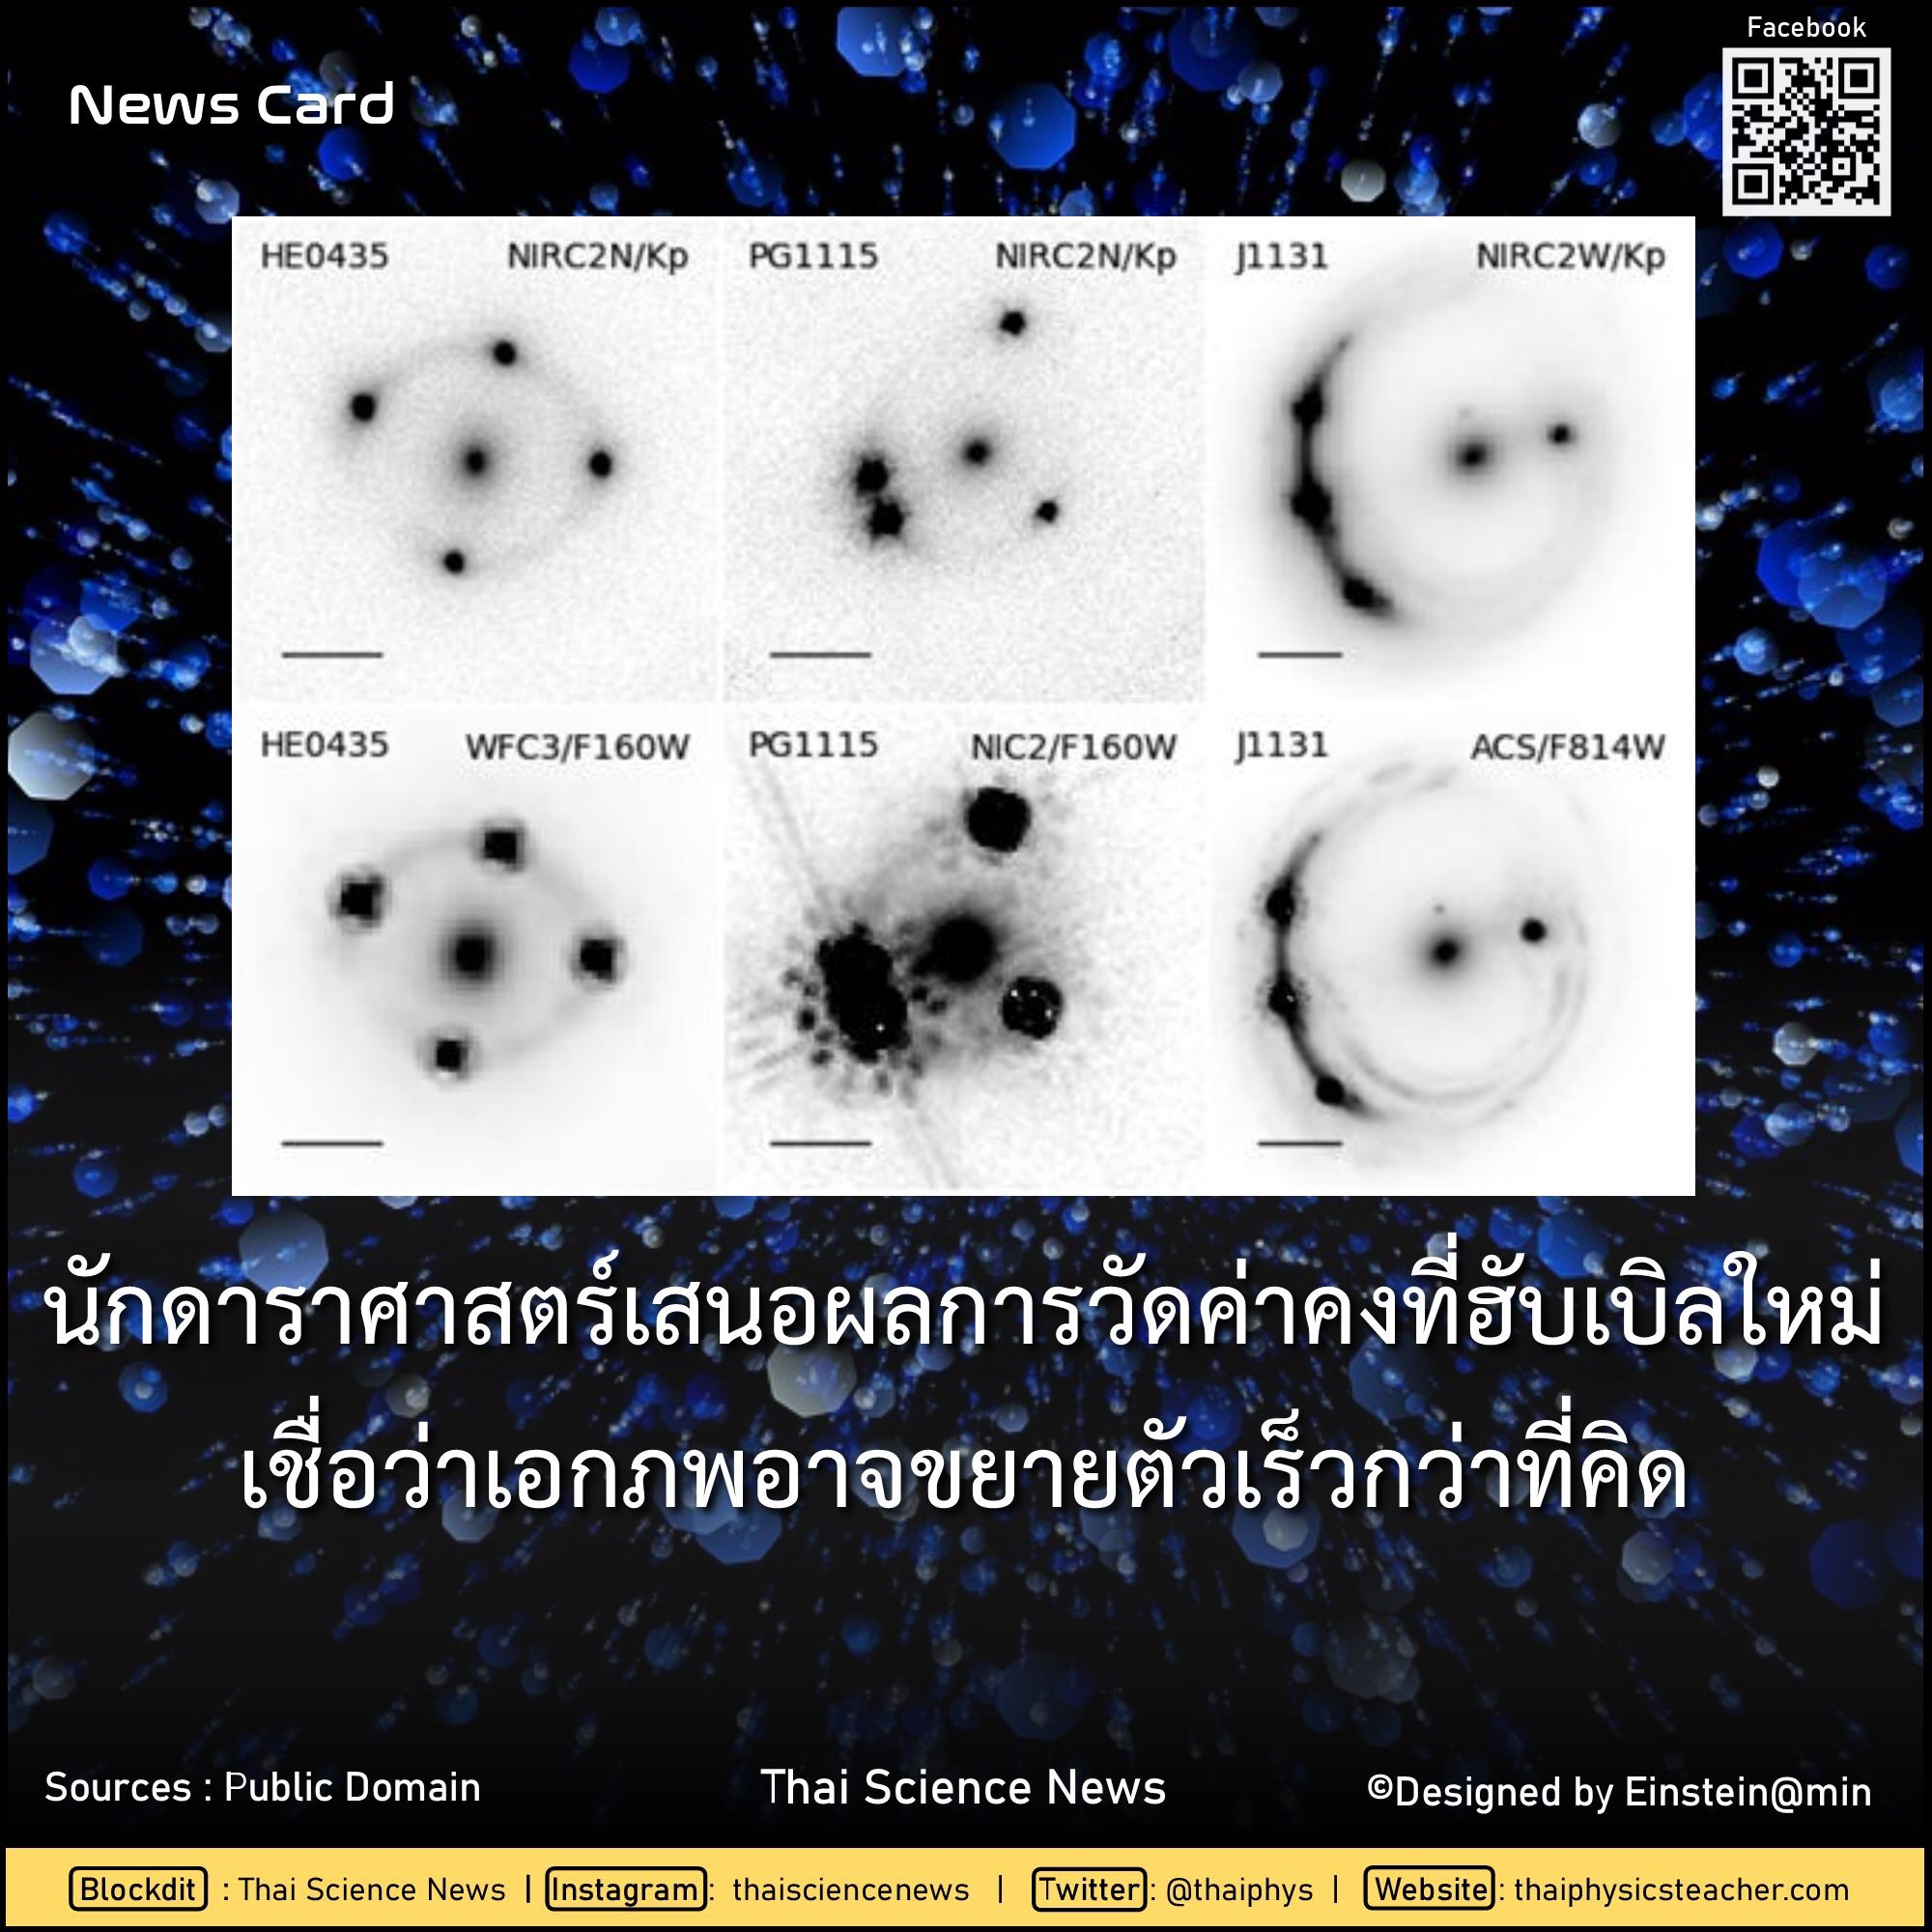 นักดาราศาสตร์เสนอค่าคงที่ฮับเบิลใหม่ เชื่อเอกภพขยายตัวเร็วกว่าที่คิด 1